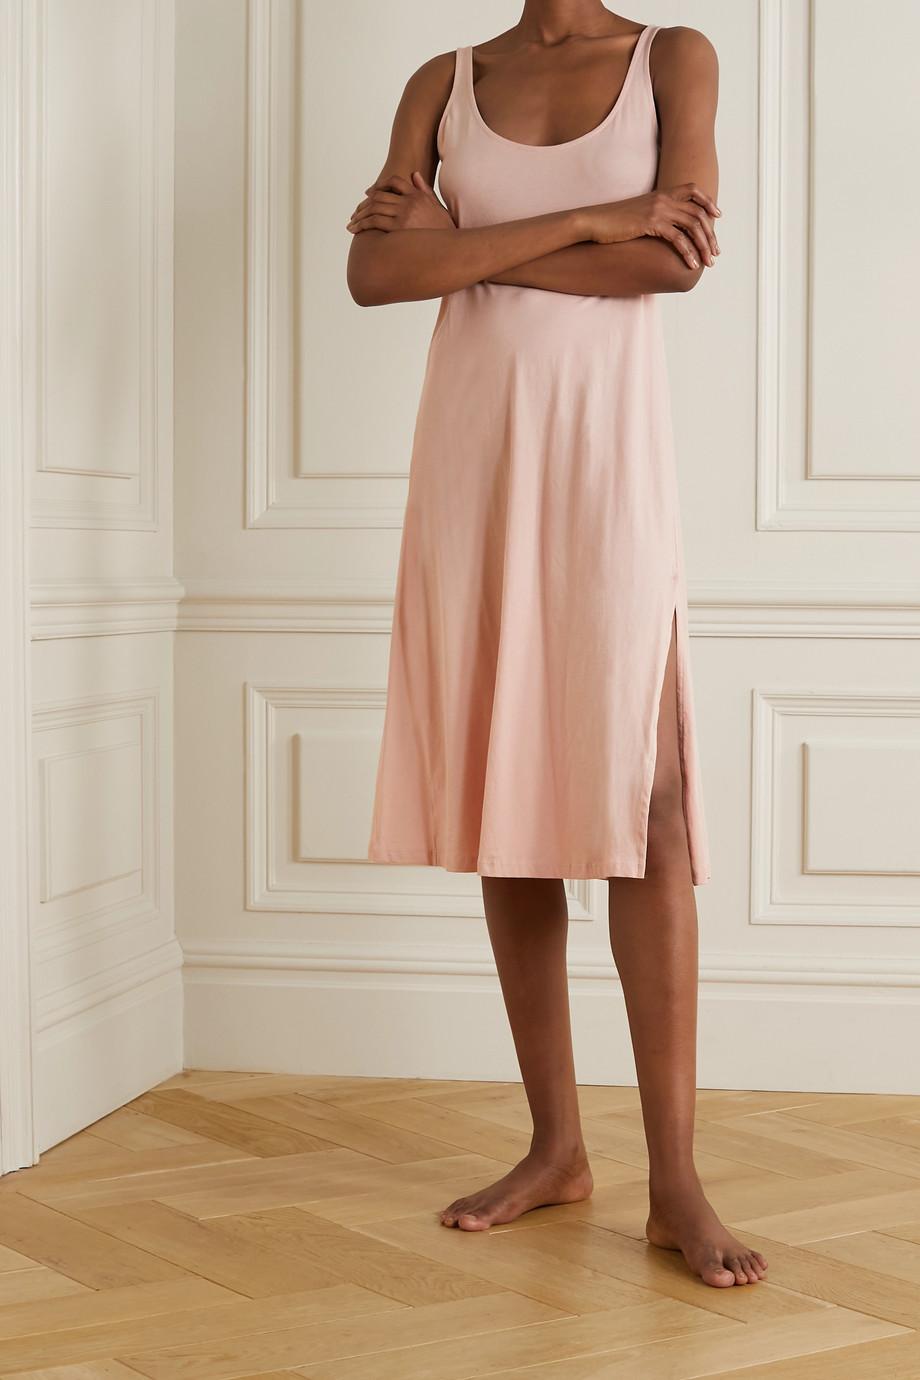 Skin + NET SUSTAIN Chanelle Nachthemd aus Bio-Pima-Baumwoll-Jersey